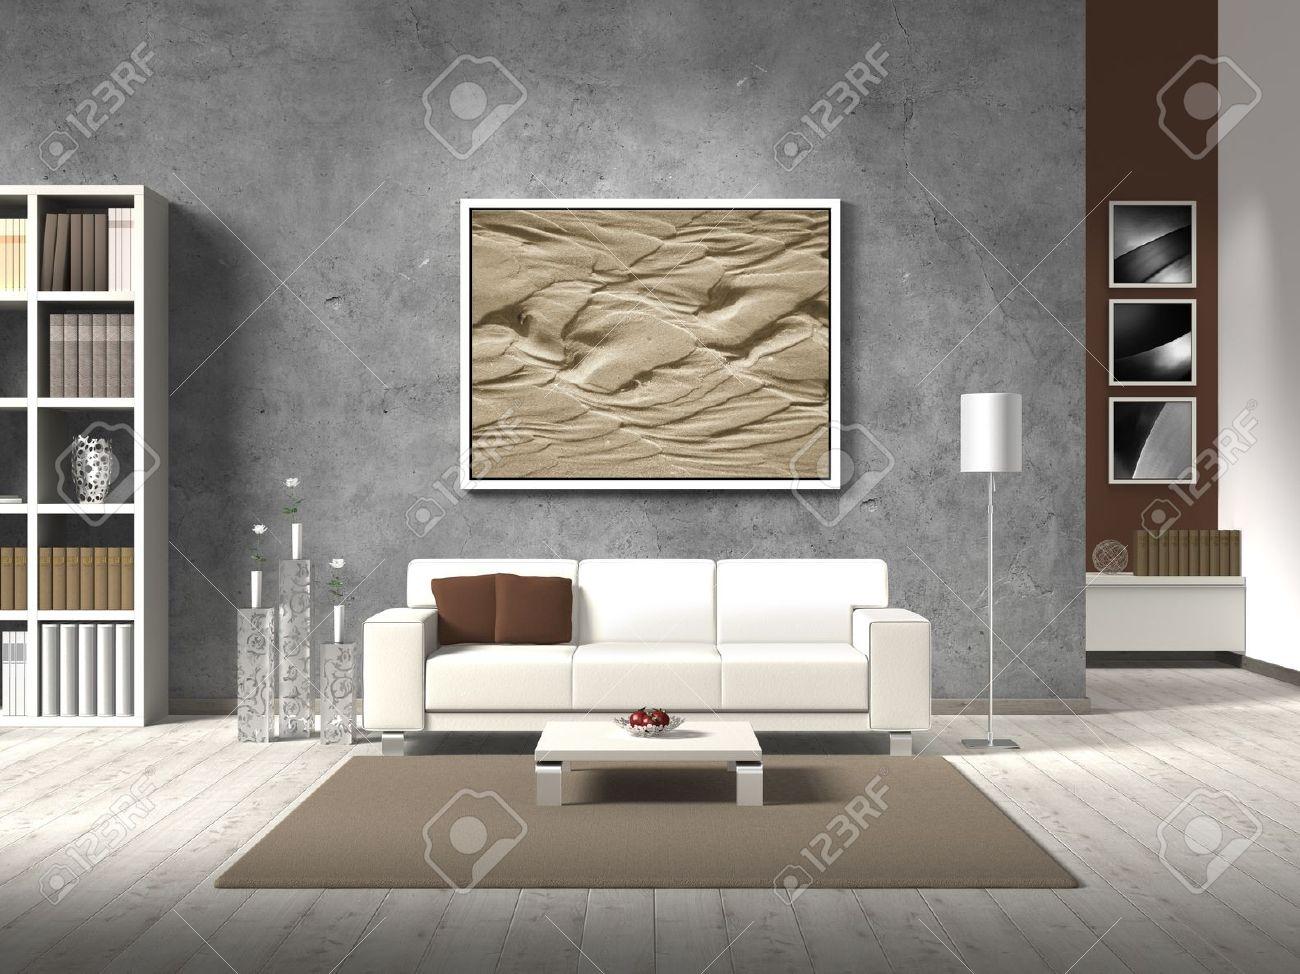 Moderne Fiktive Wohnzimmer Mit Weißen Sofa Und Kopieren Sie Platz Für Ihr  Eigenes Bild / Fotos Auf Der Betonwand Hinter Dem Sofa, Die Fotos Im  Hintergrund ...